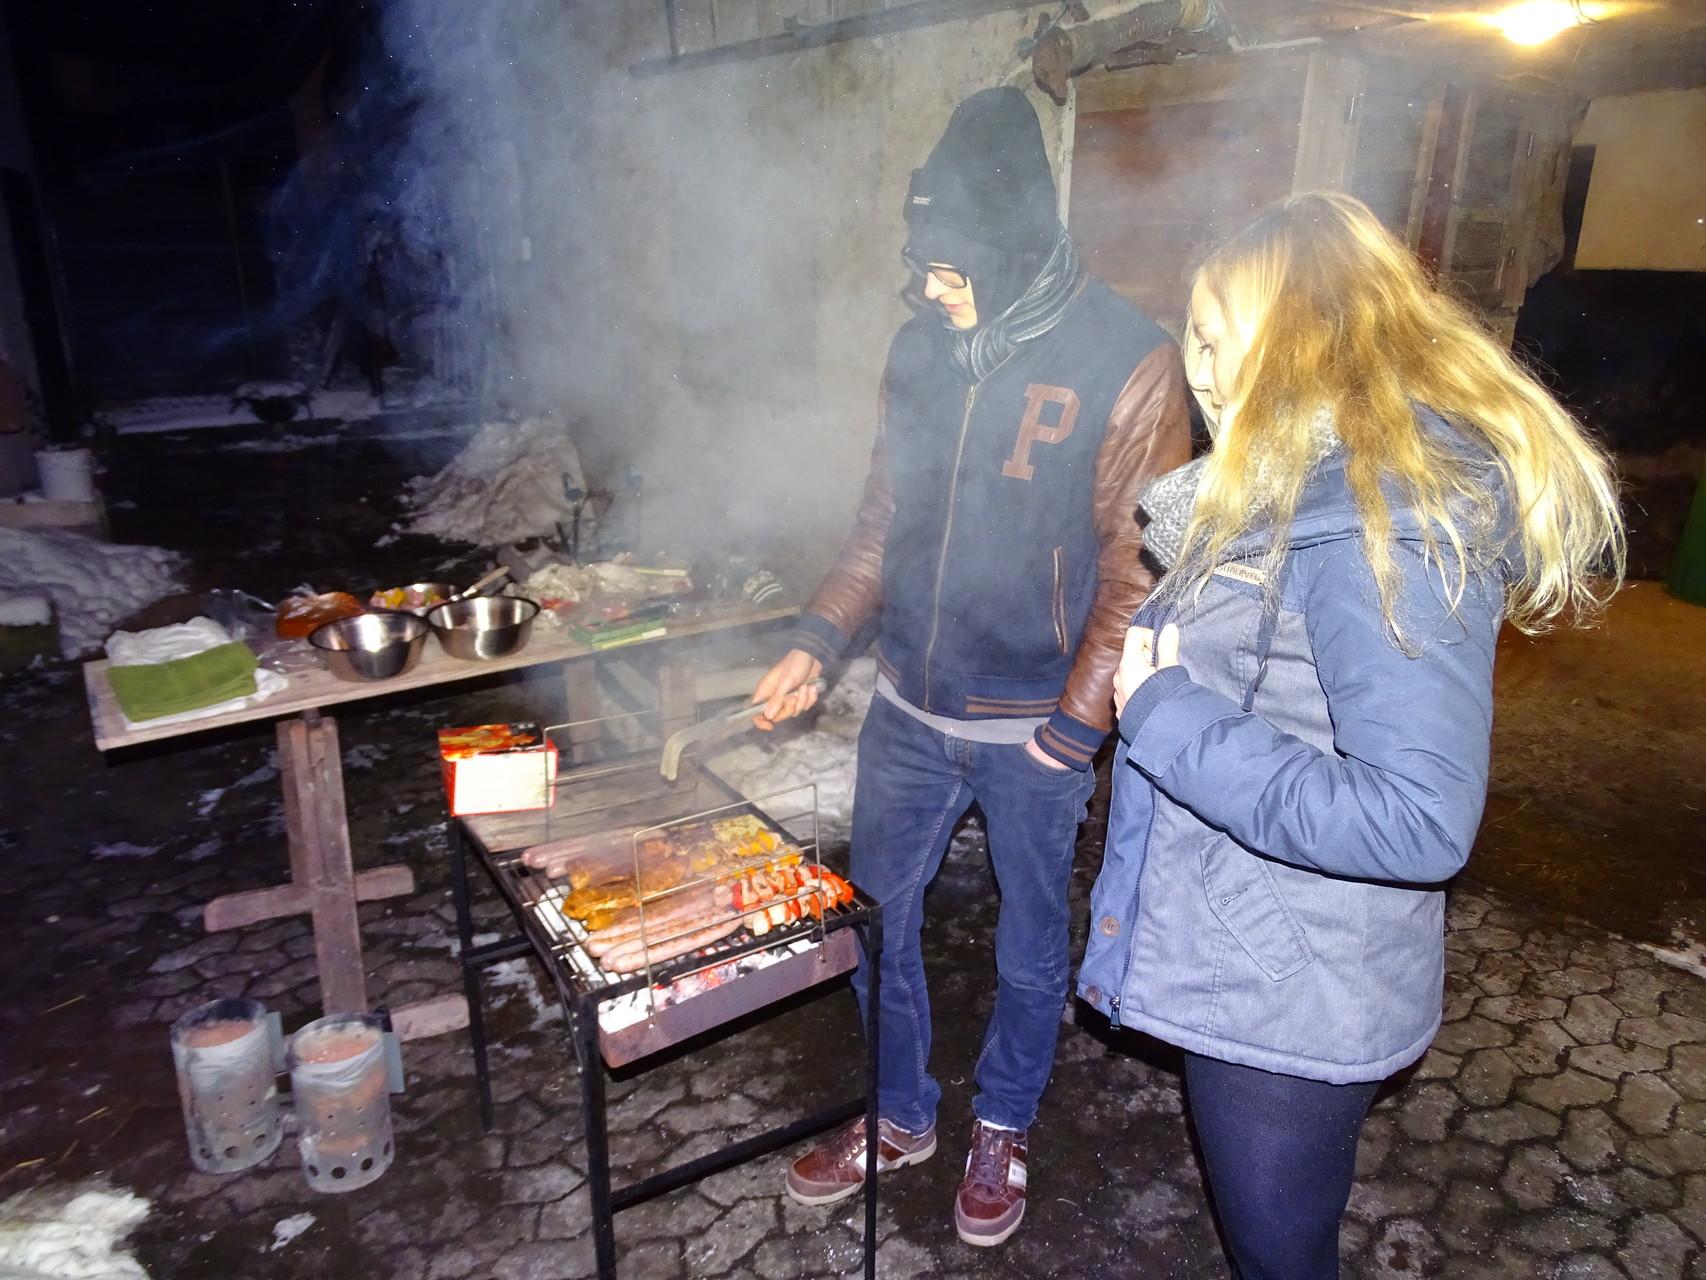 Wer grillt schon im Winter? ;)